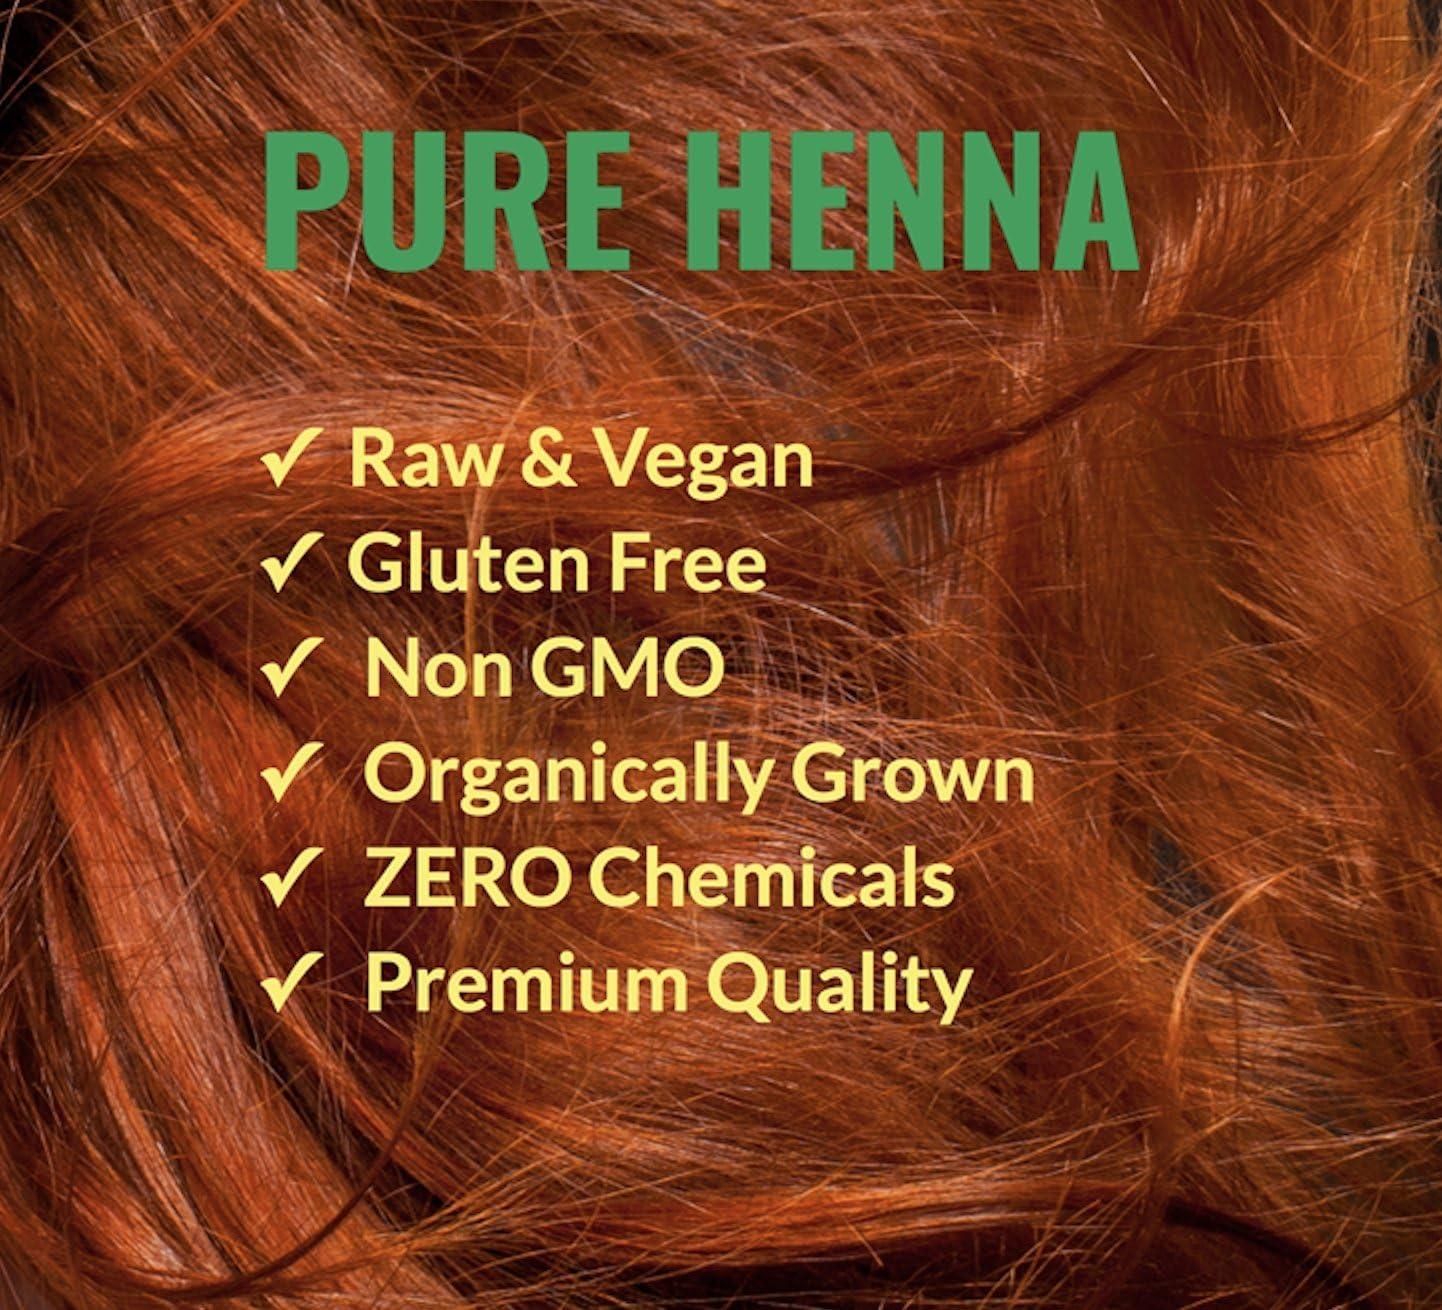 Polvo de henna 100% puro para tinte para el cabello - Color de cabello de henna roja, La mejor henna roja para el cabello - The Henna Guys (400 g)